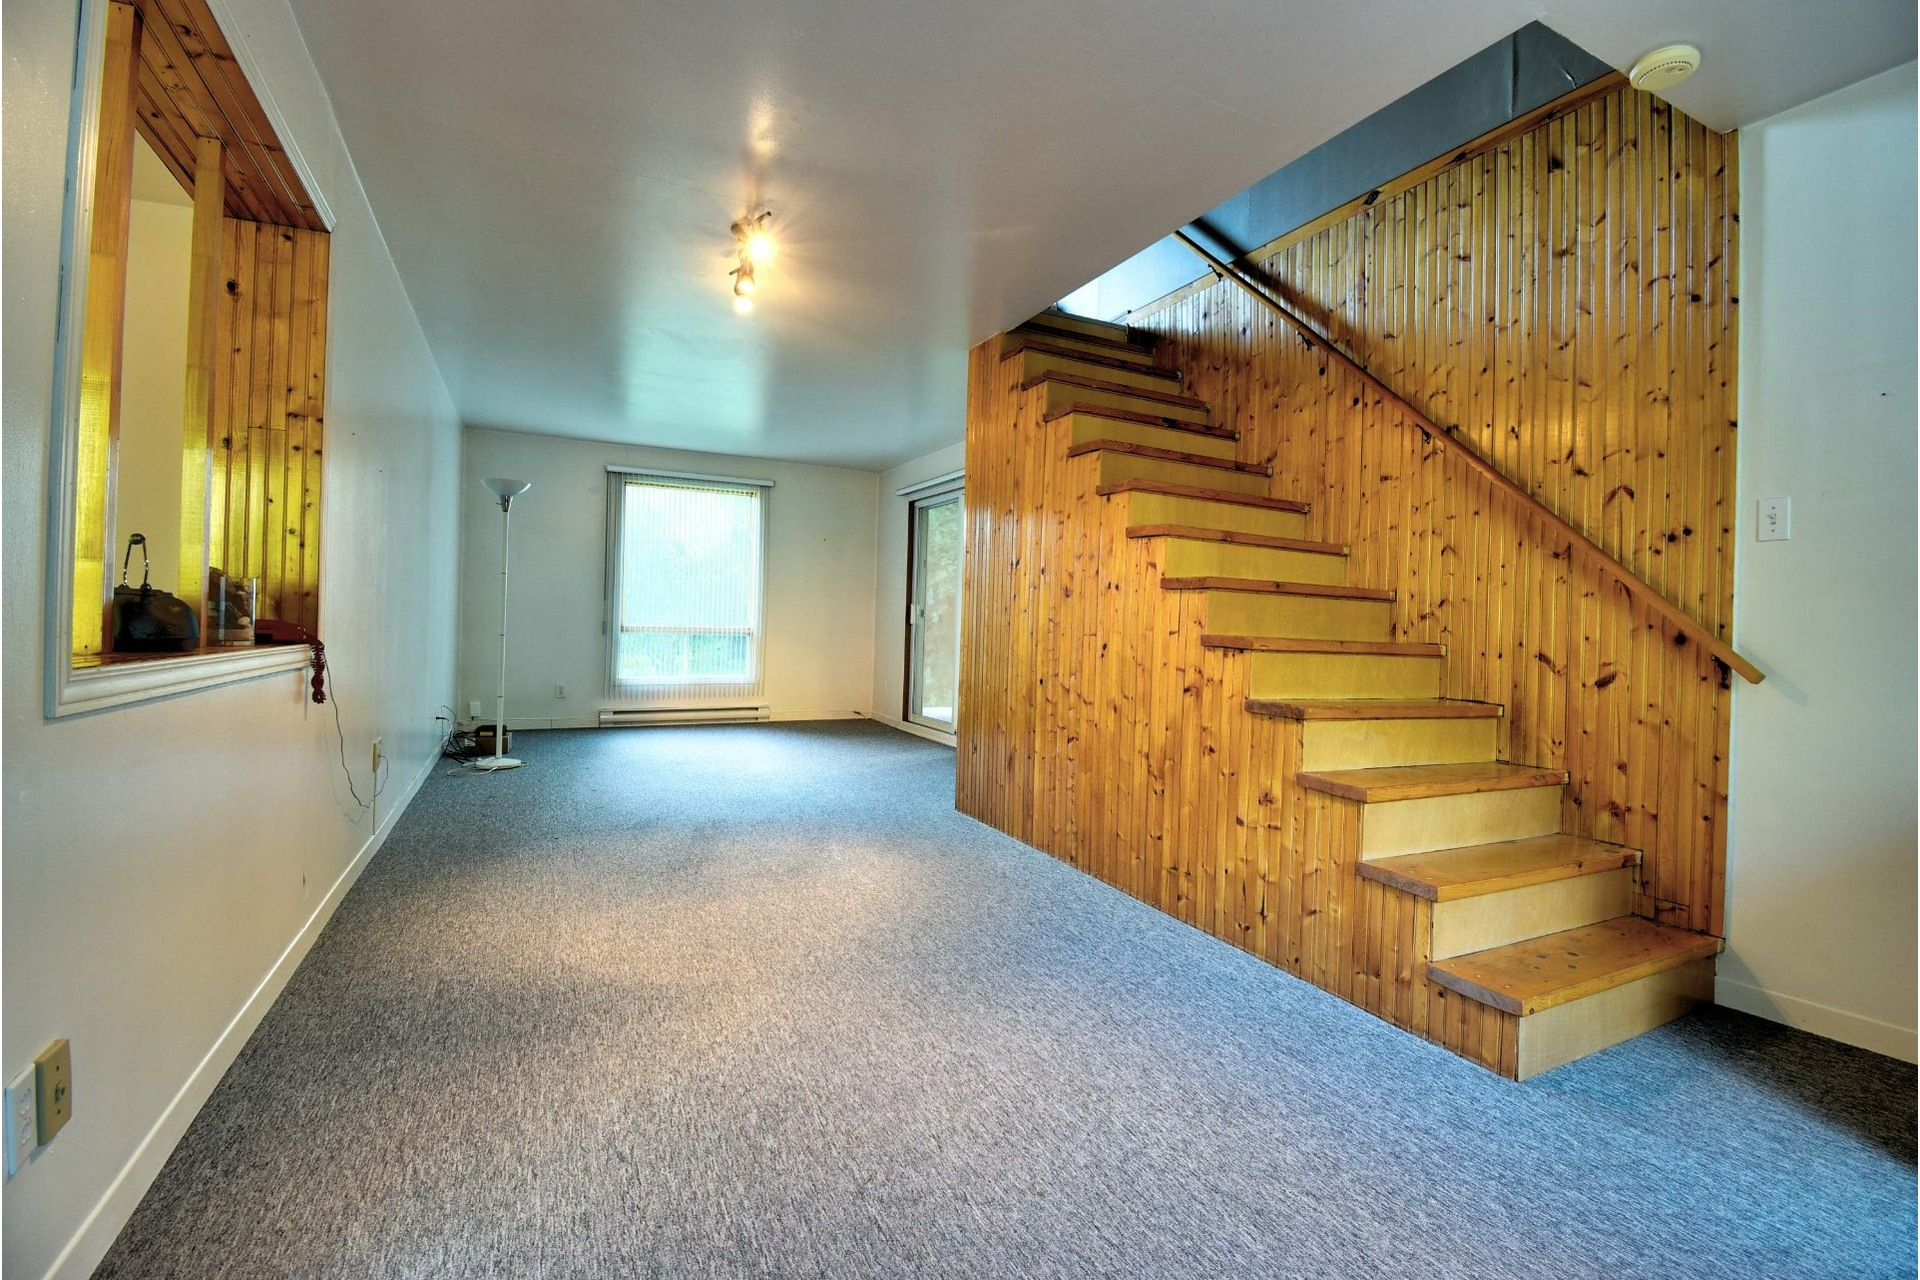 image 11 - House For sale Trois-Rivières - 6 rooms